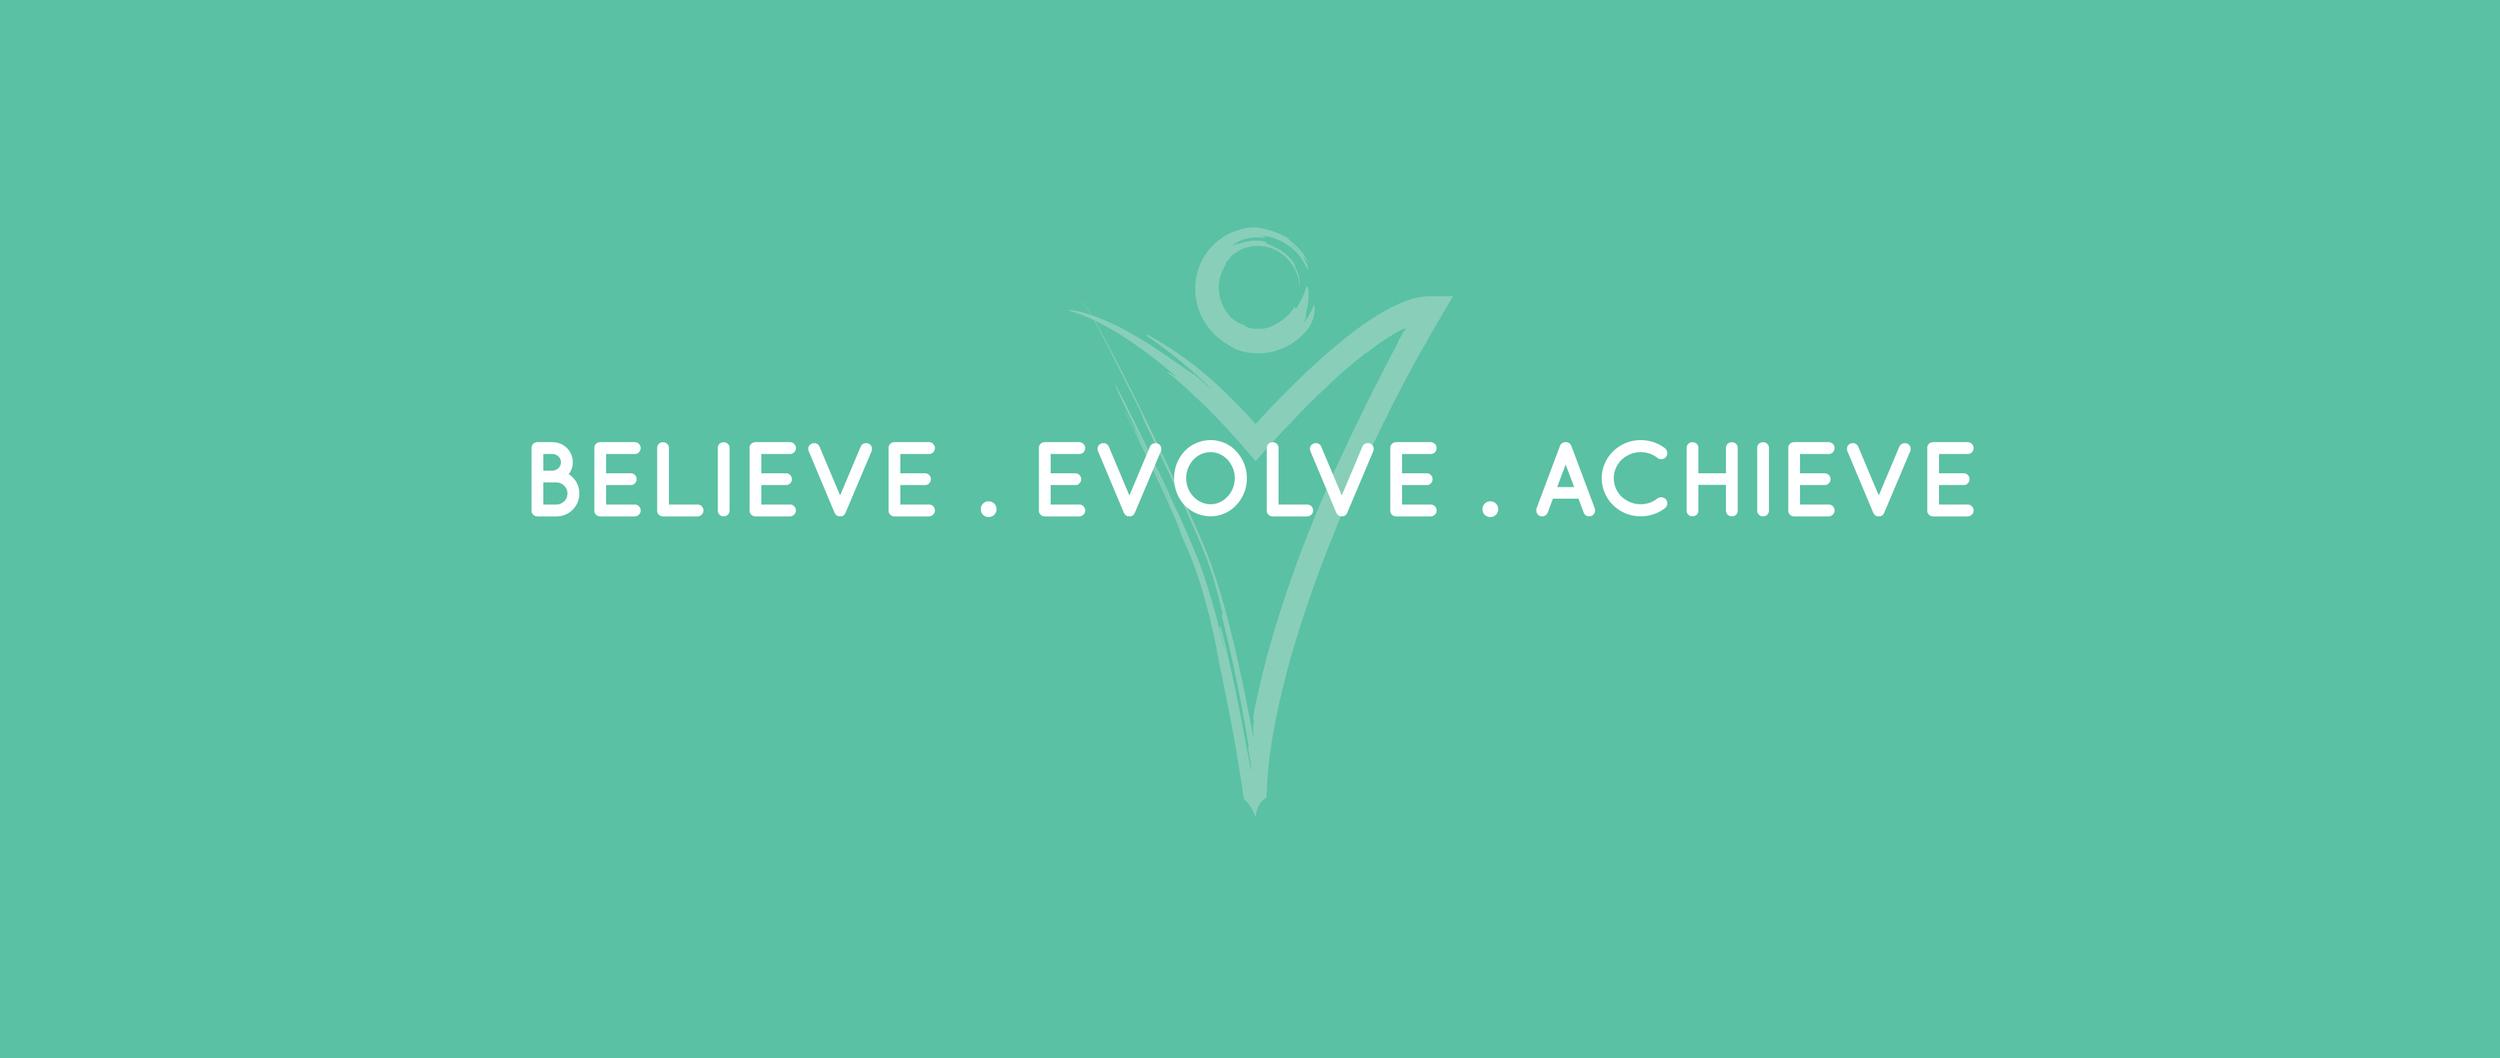 Evolve Facebook Cover Photo Design